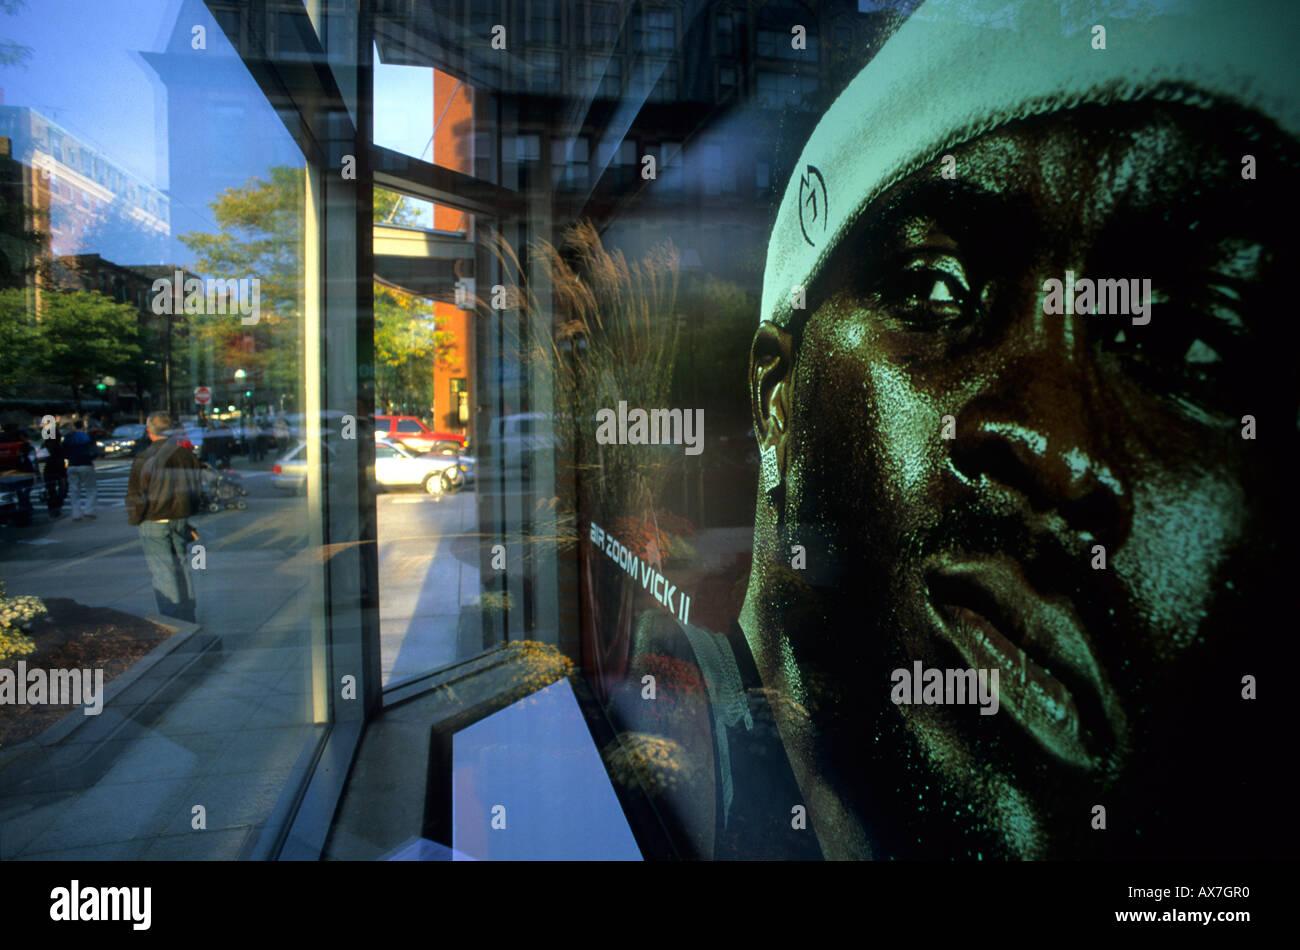 Shoppingmile Newbury street, Boston, Massachussetts United States, USA - Stock Image